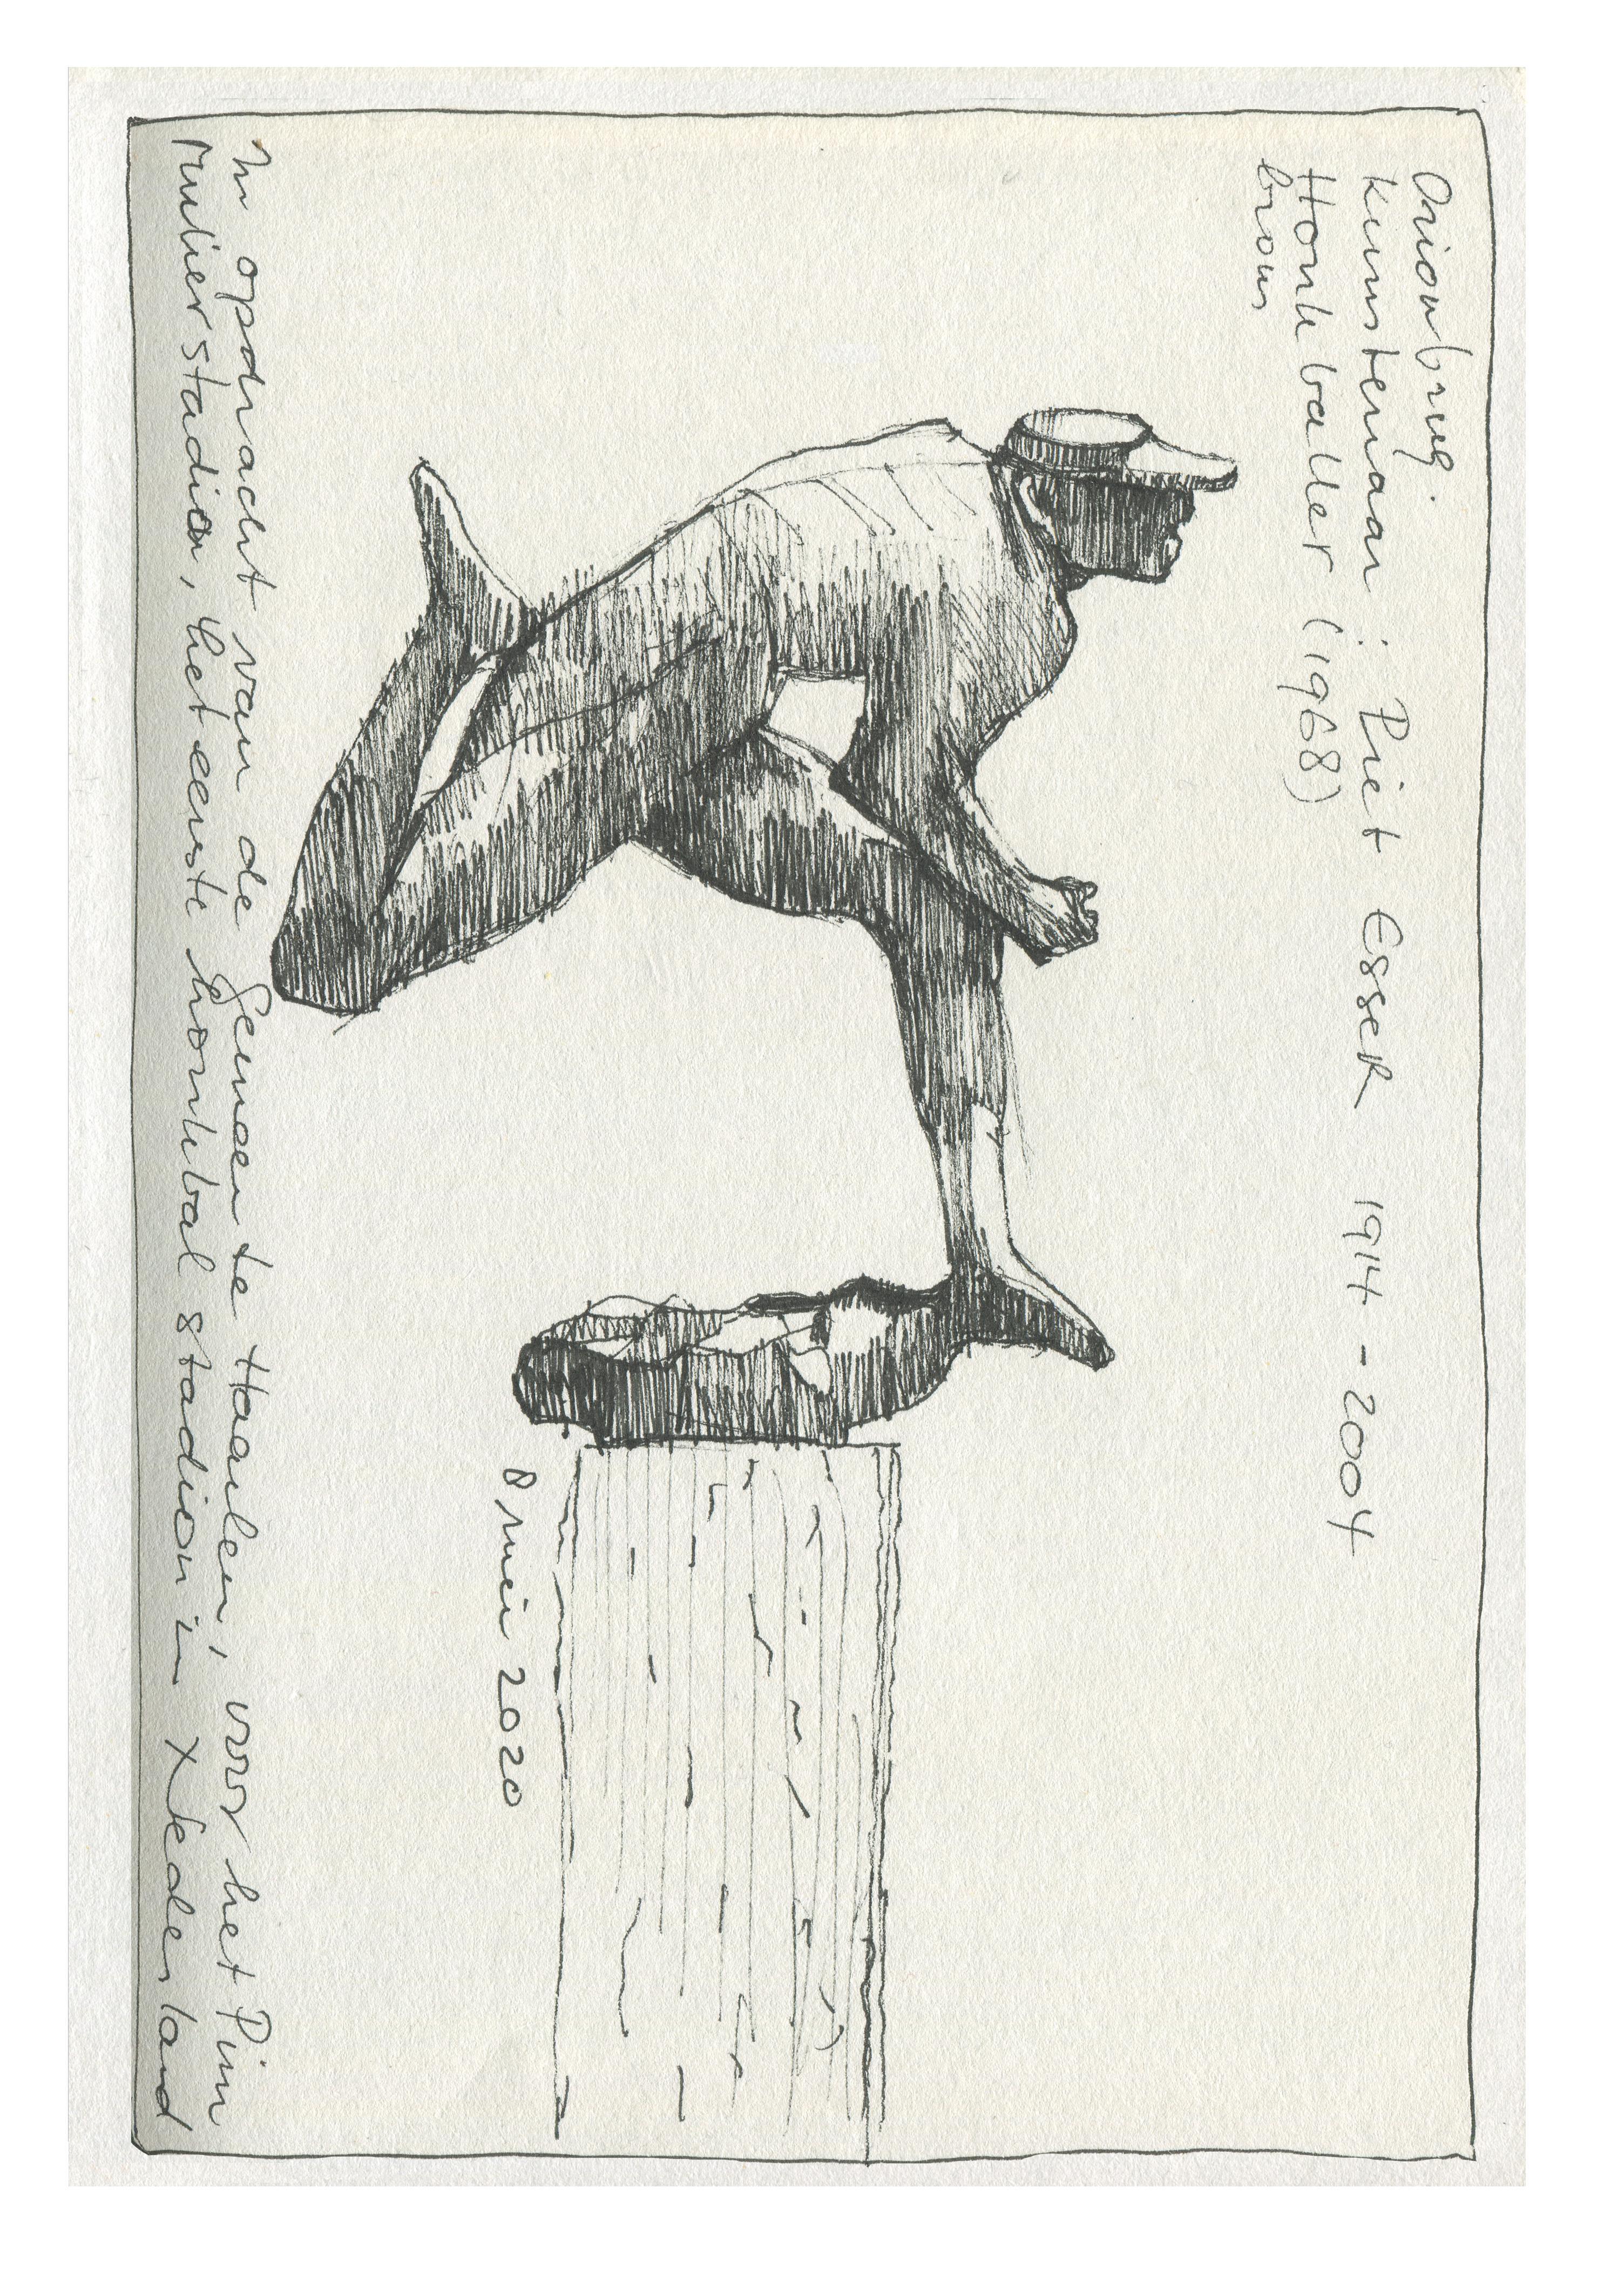 Dorothé van Schagen ging op ontdekkingsreis door Haarlem en tekende alle 116 buitenbeelden